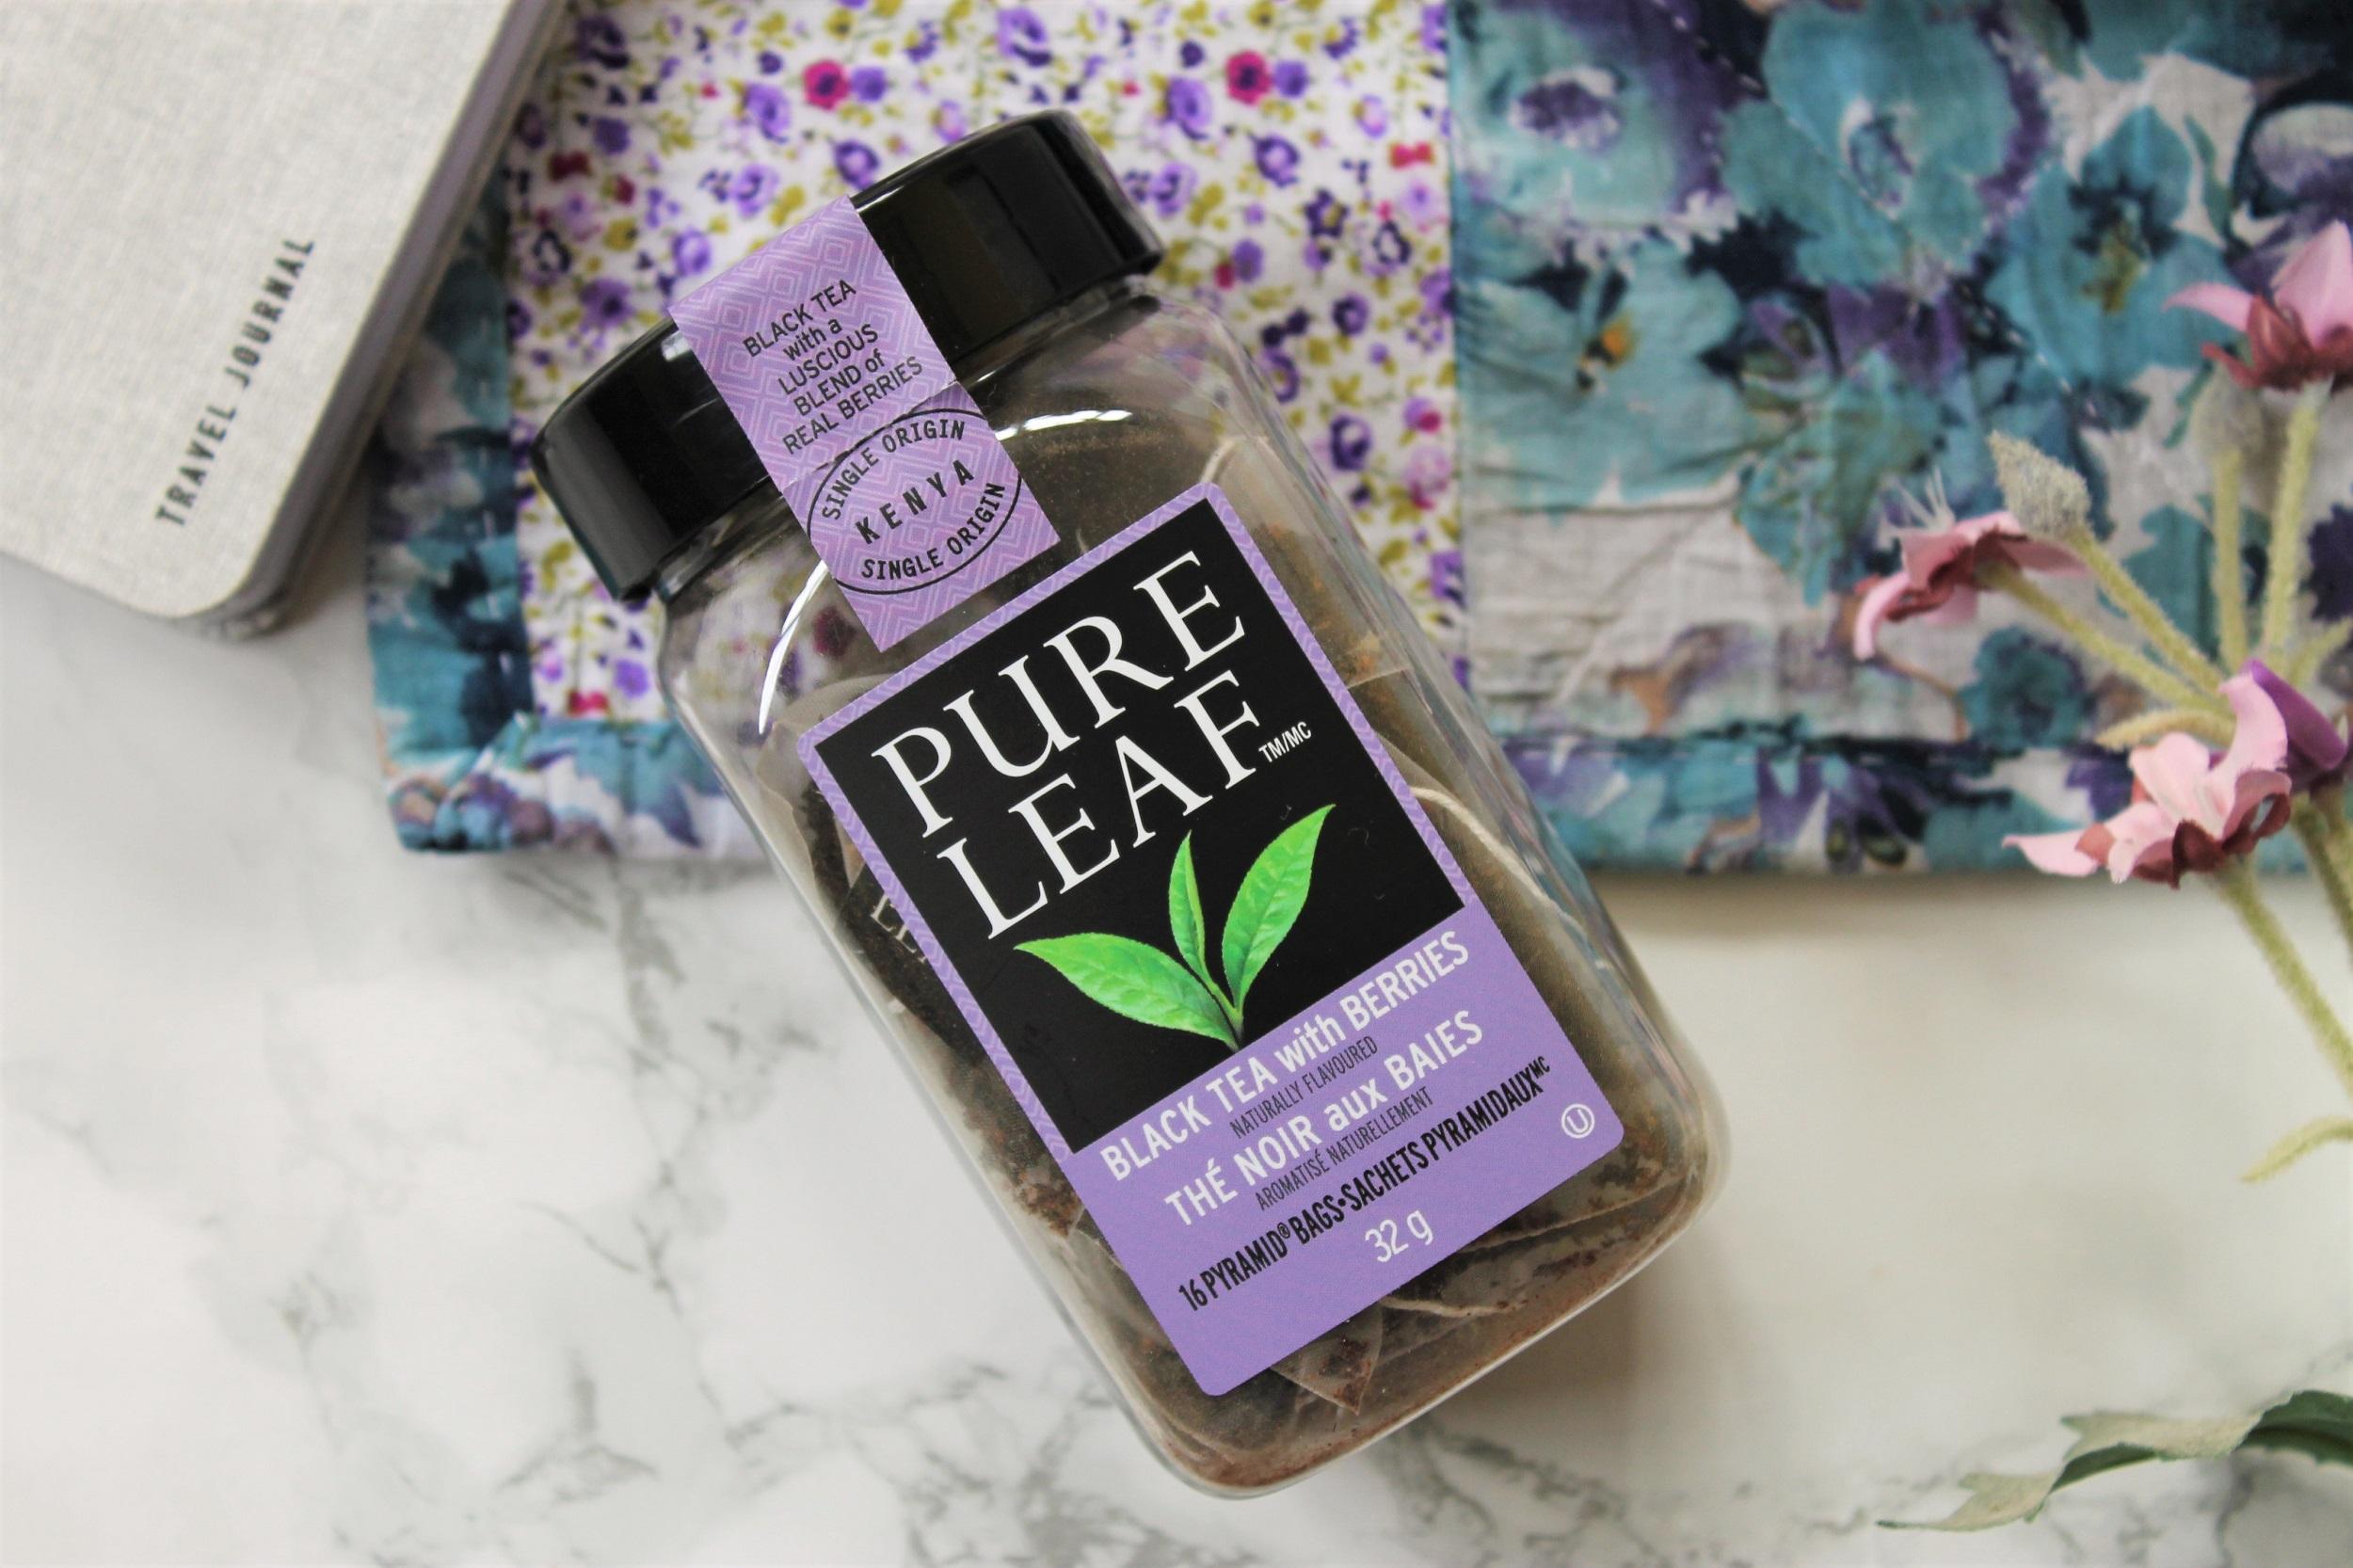 pure leaf black tea with berries in plastic jar